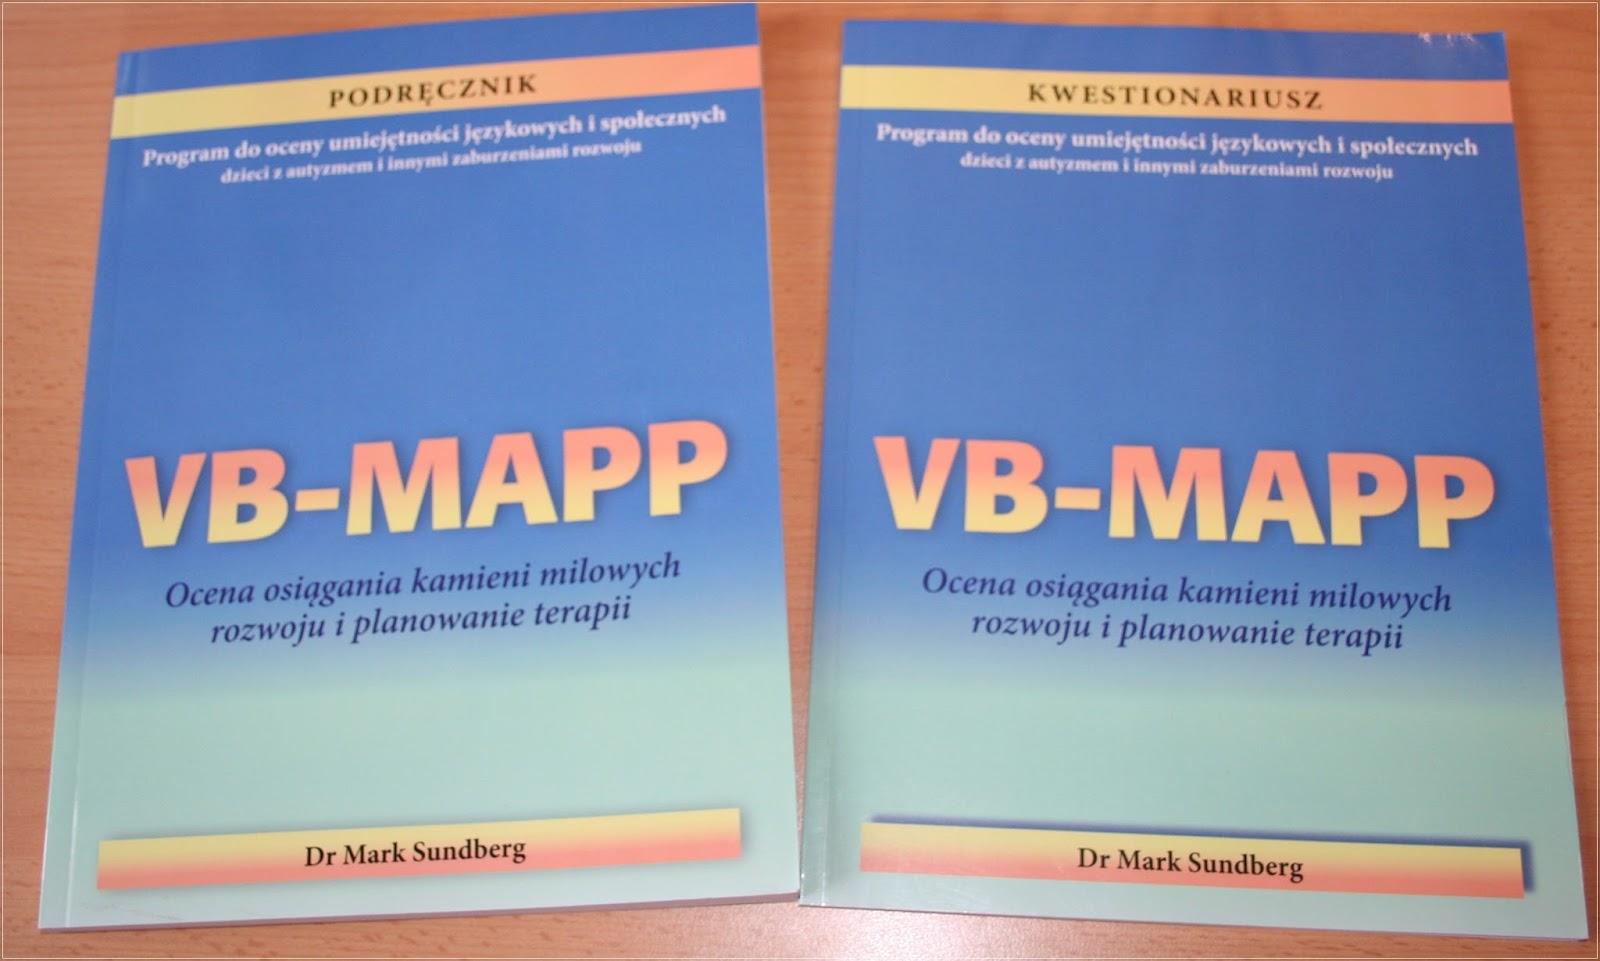 vb mapp podręcznik chomikuj